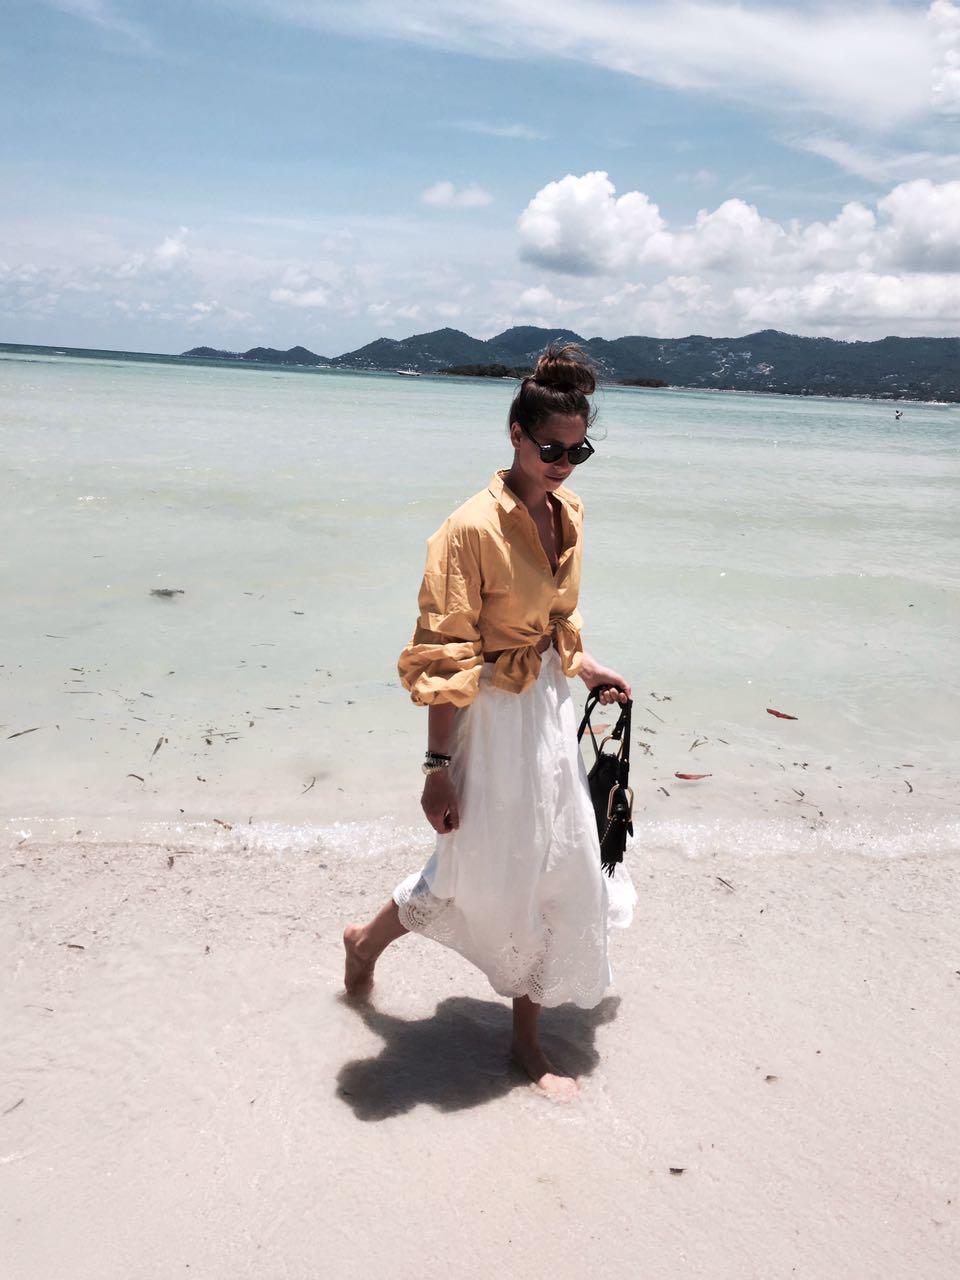 חצאיות וחולצות עשירות בד. רומי ספקטור, תאילנד